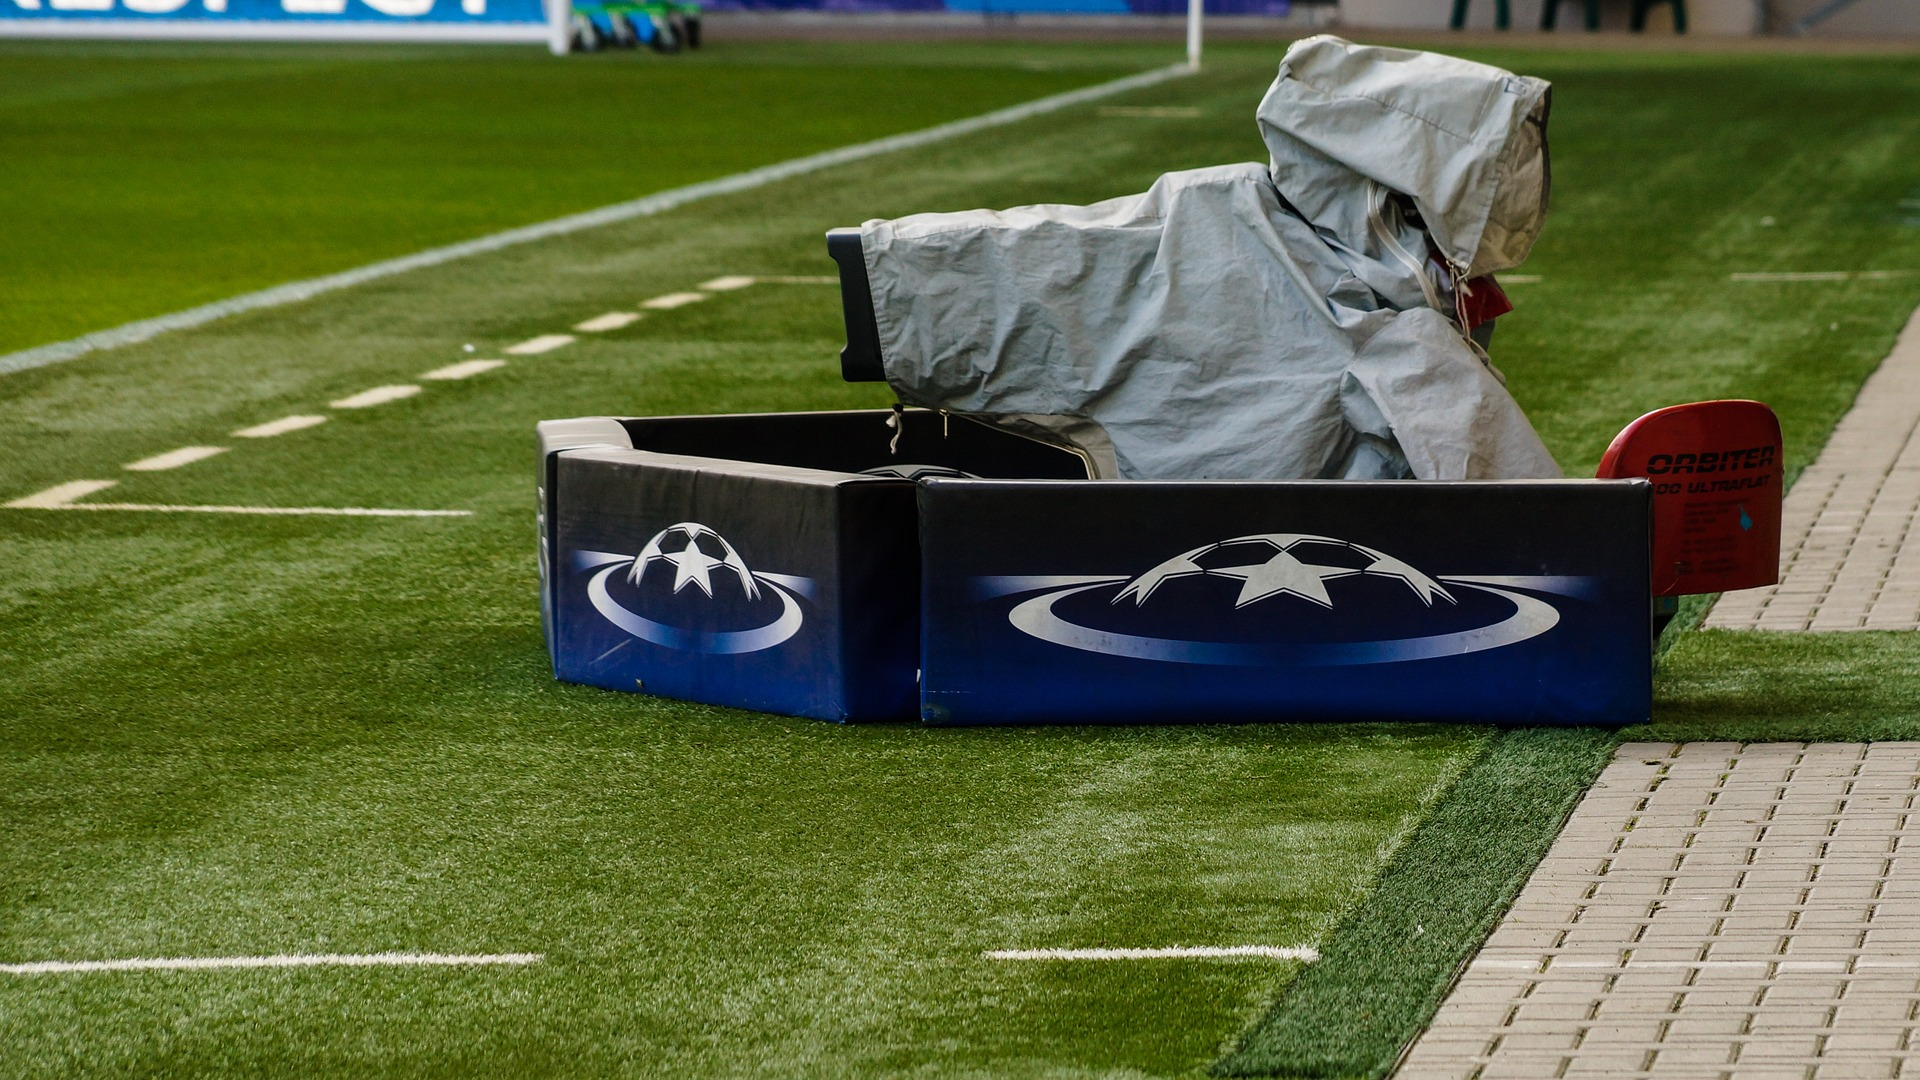 Schalke Manchester City Tickets zum Bestpreis - Städtereise nach Gelsenkirchen